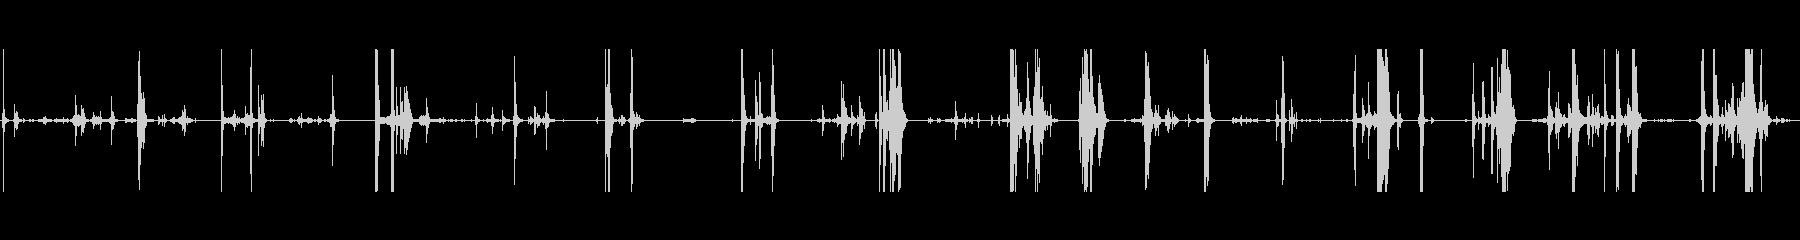 ガラスプレートナイフフォークタップbの未再生の波形